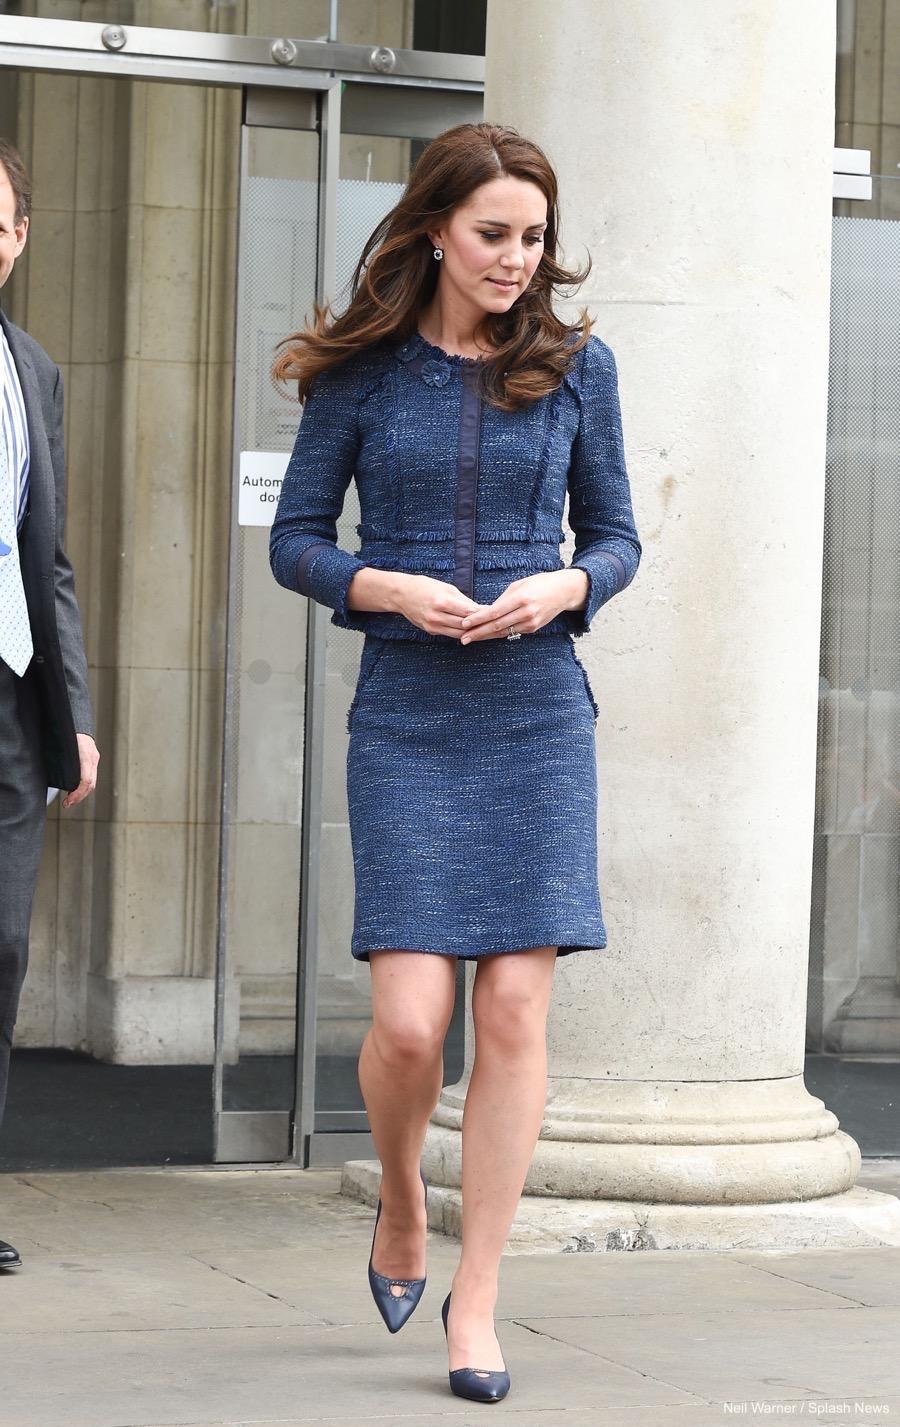 Công nương Kate chỉ ra kiểu áo khoác sang chảnh bất chấp thời gian, đã thế còn cực dễ mặc và tôn dáng đỉnh cao - Ảnh 2.